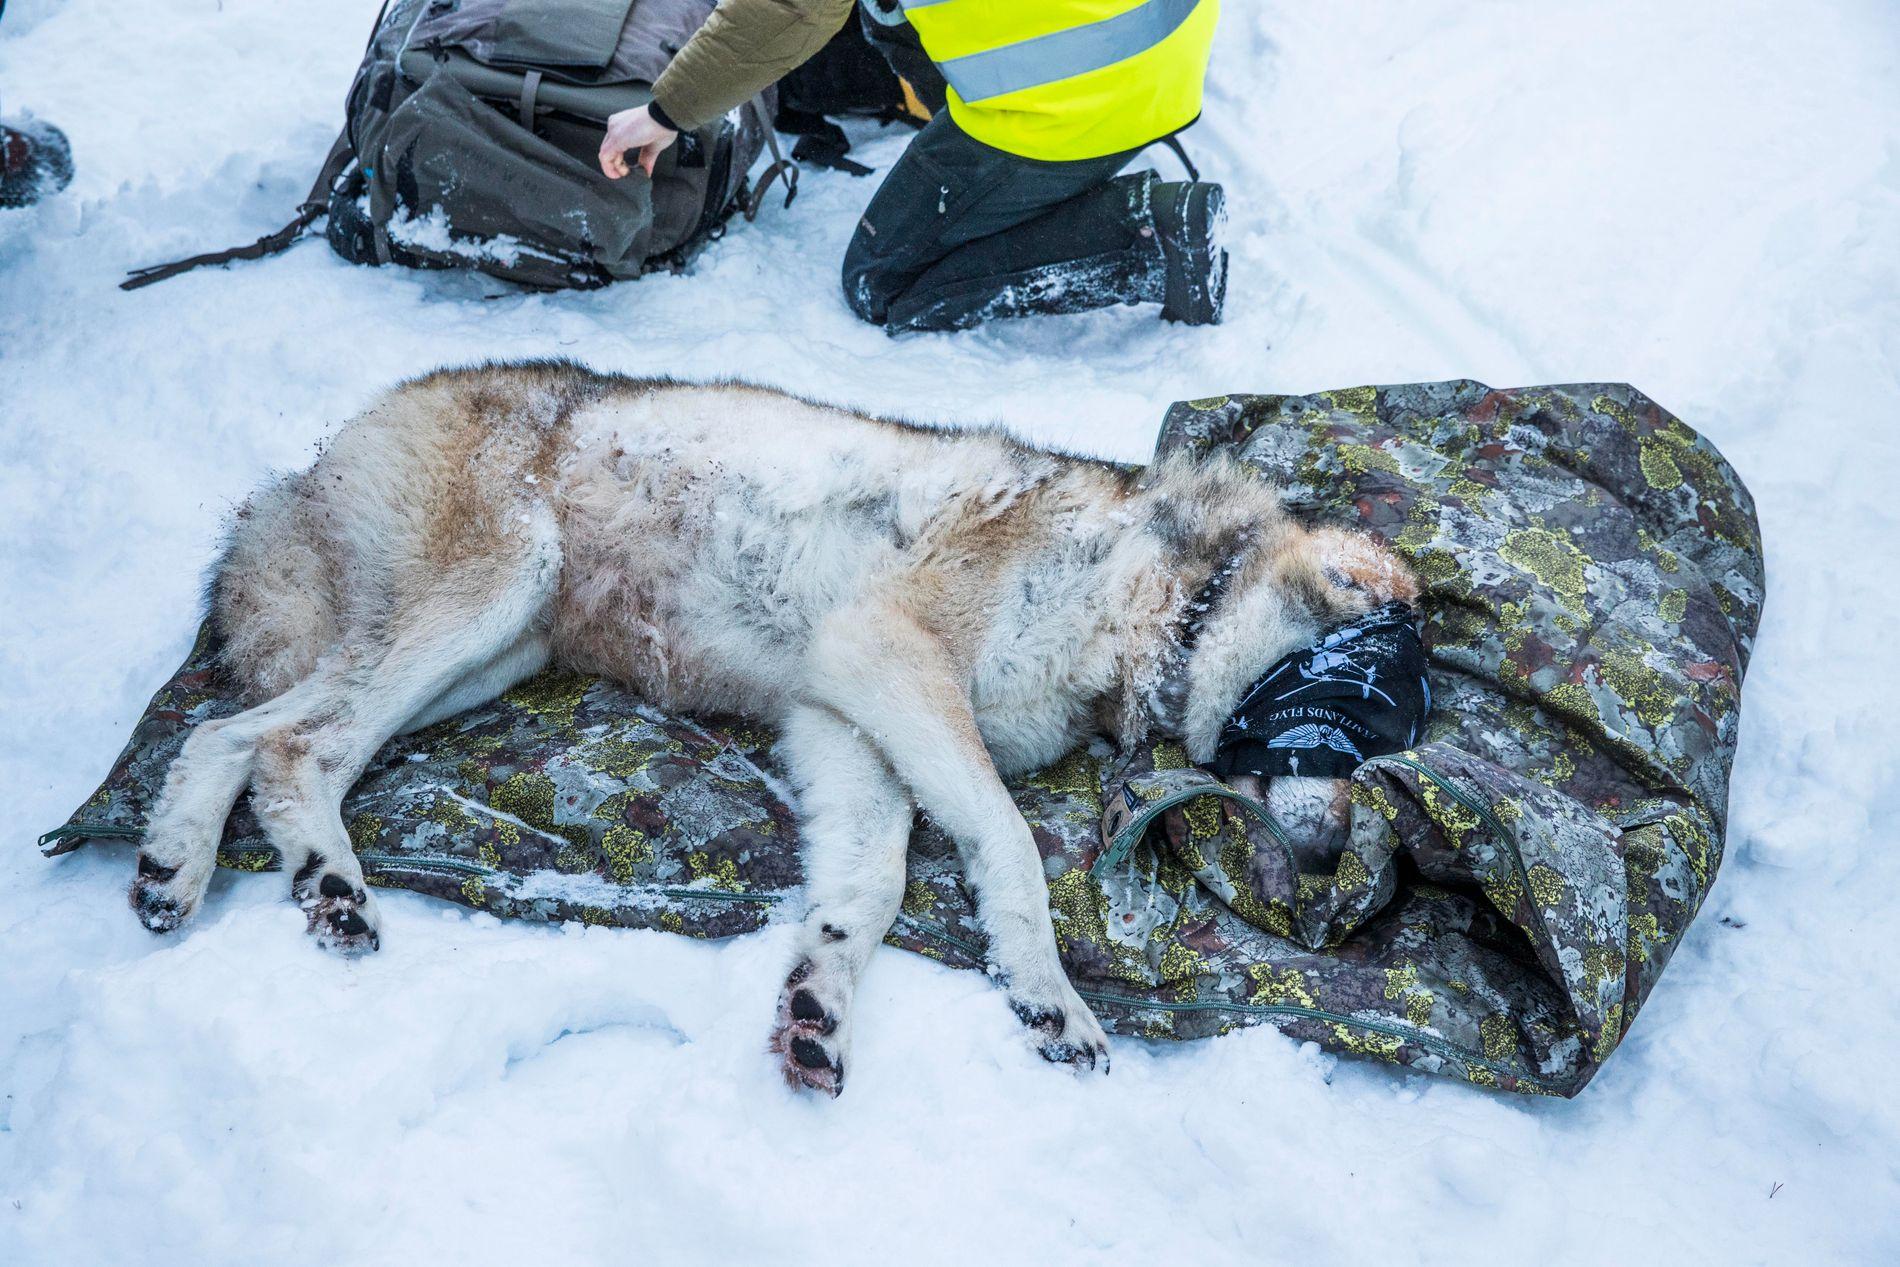 BEDØVET: Her merkes Slettås-hannen i januar 2017. Området ligger innenfor ulvesonen.